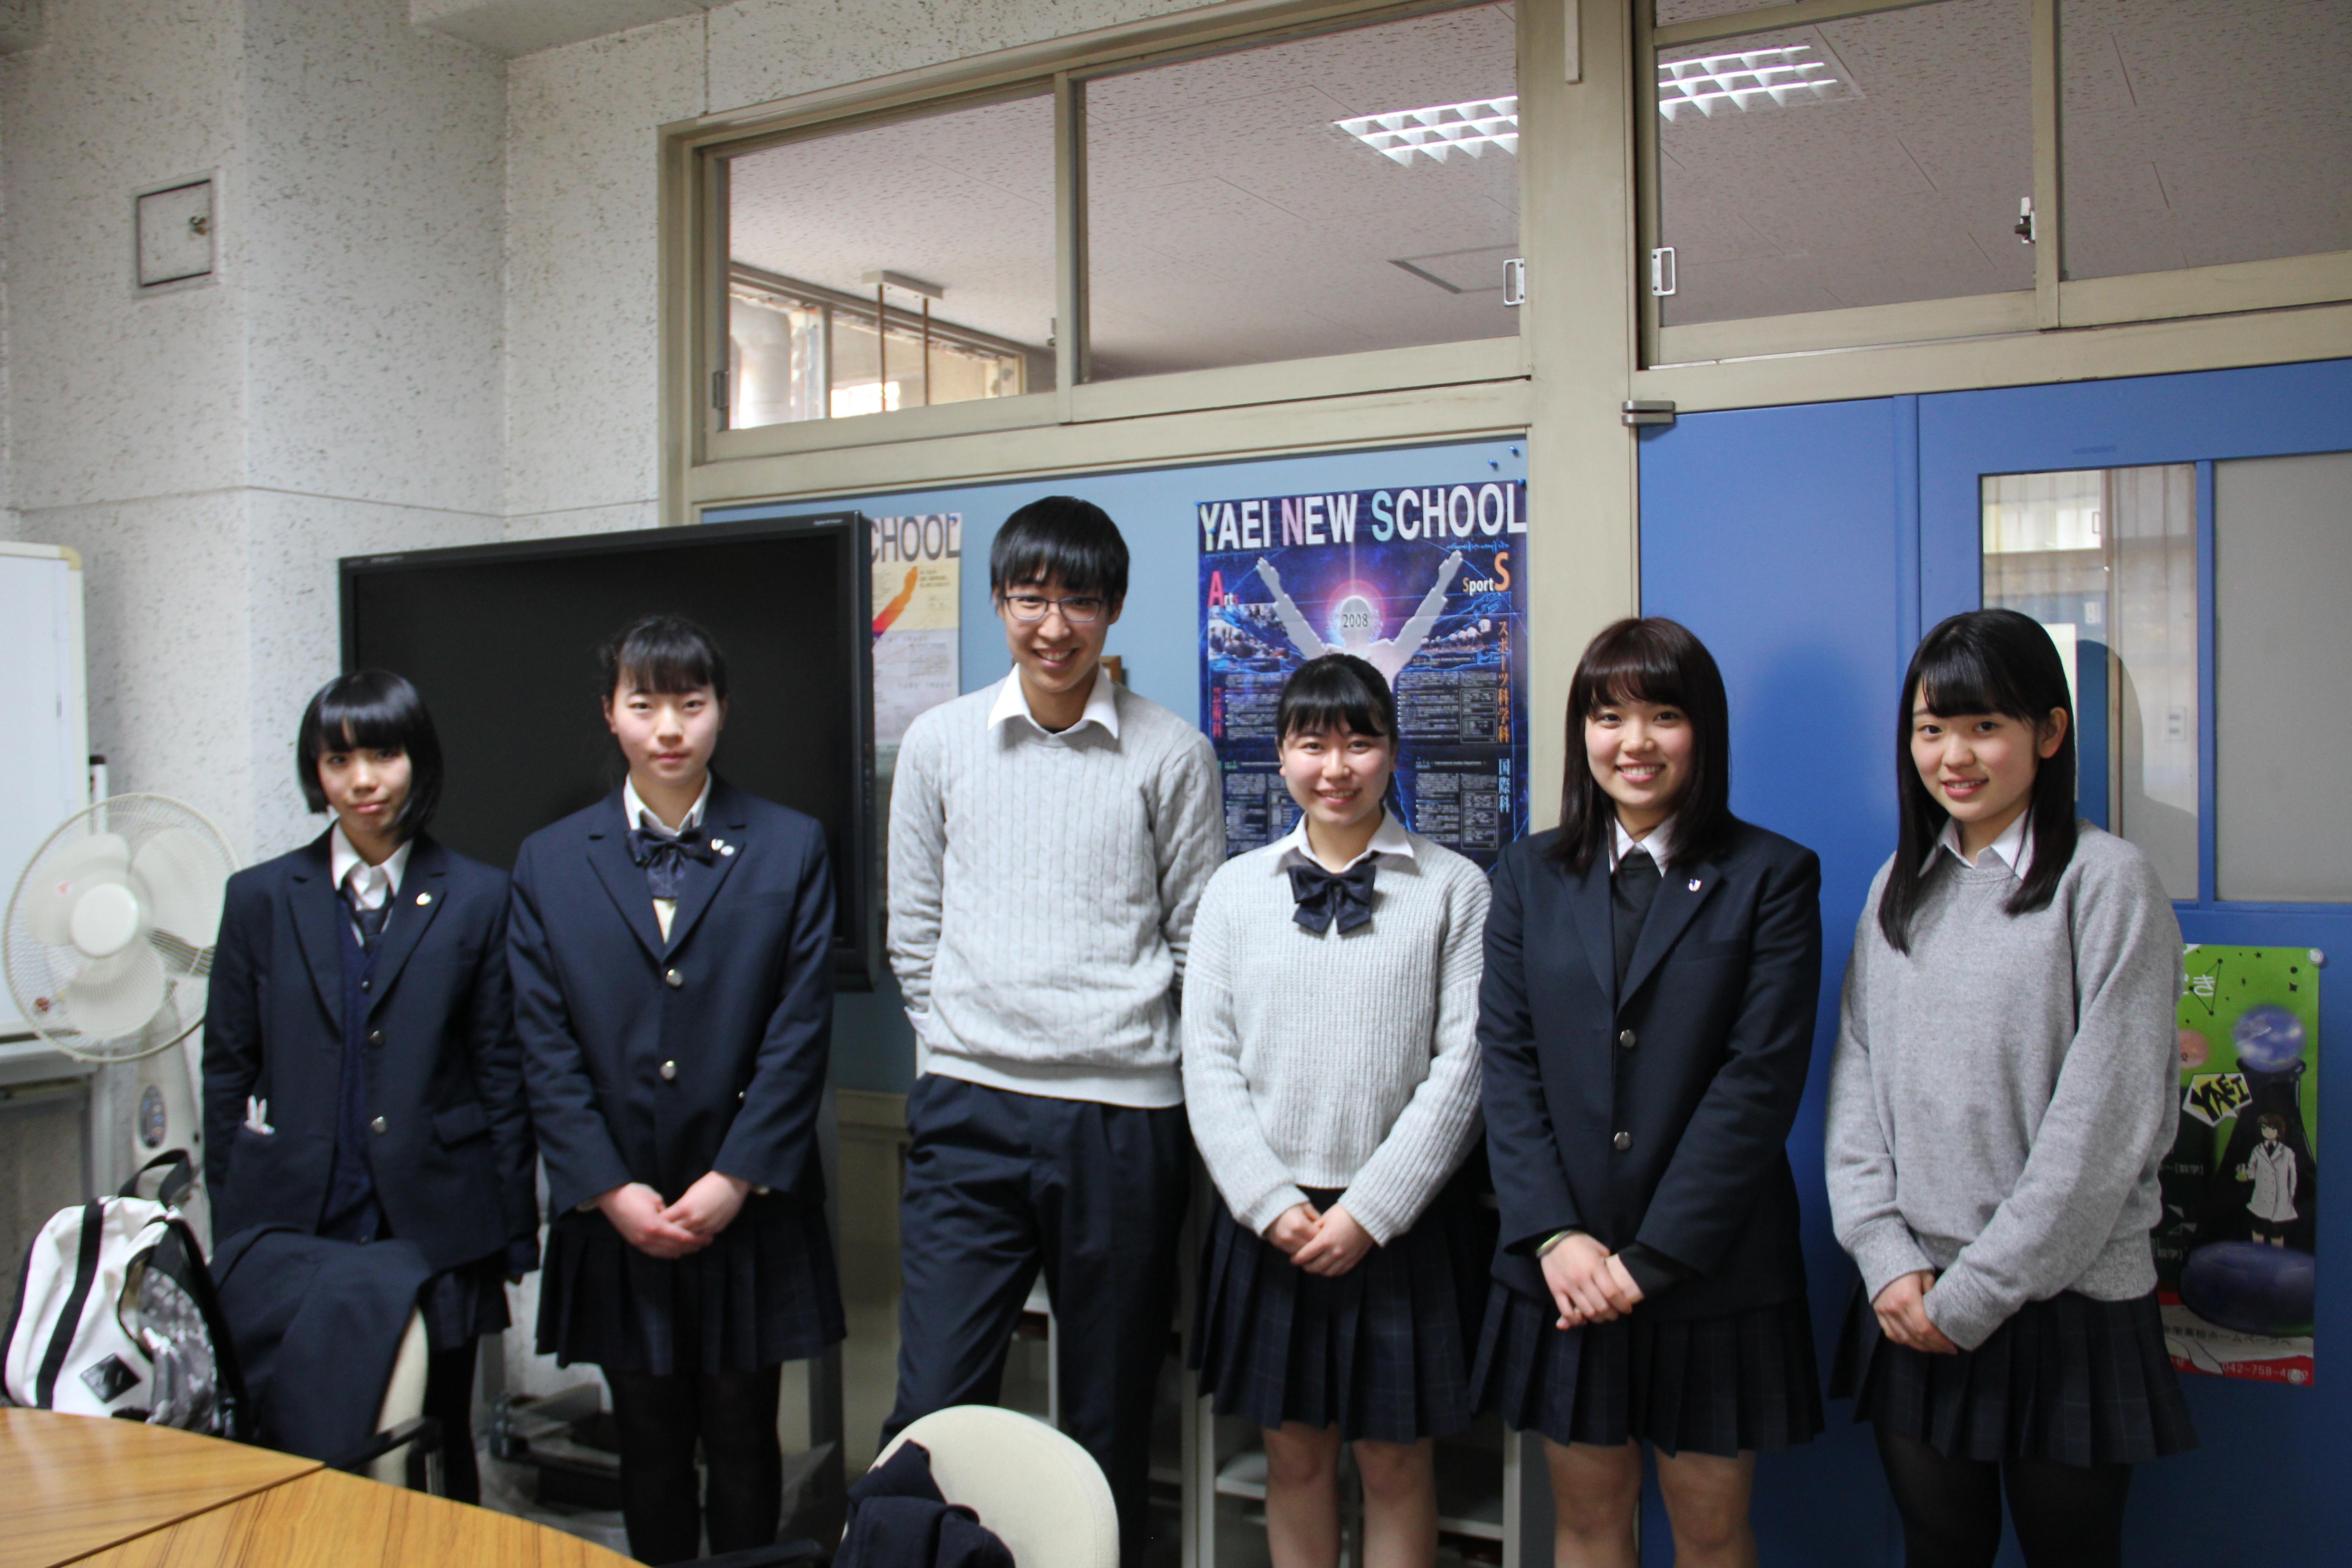 神奈川県立弥栄高校の事例の画像